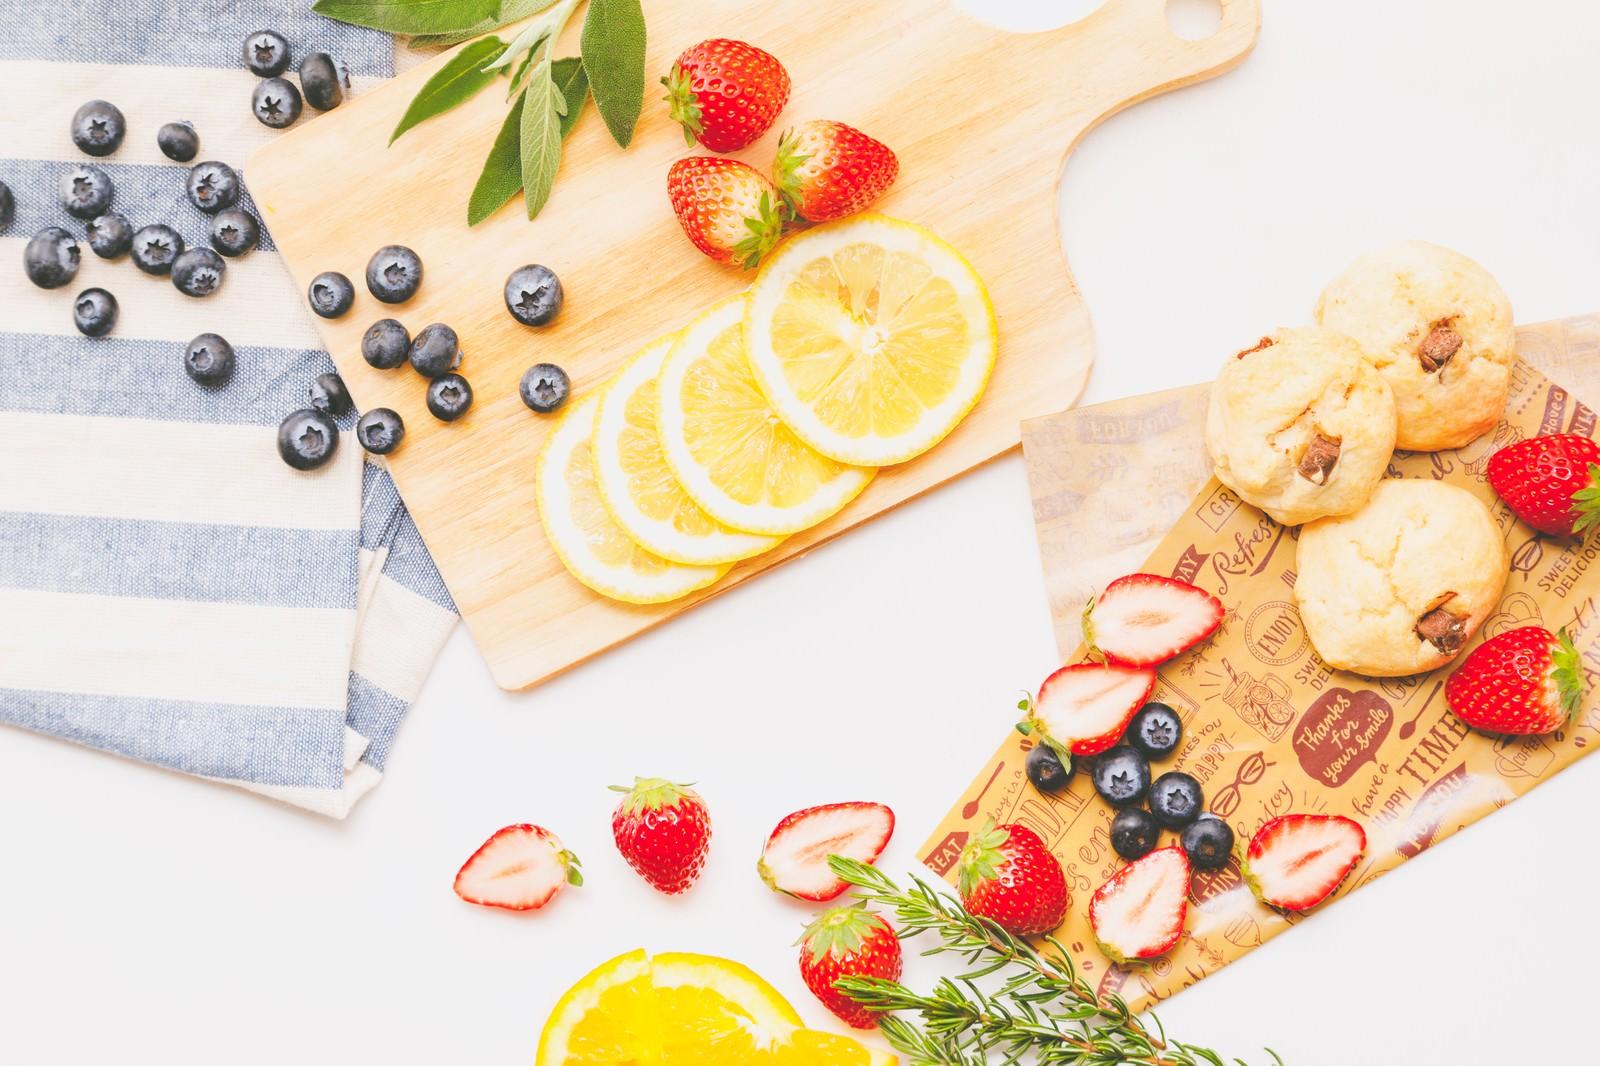 「果物・カットフルーツが集合果物・カットフルーツが集合」のフリー写真素材を拡大